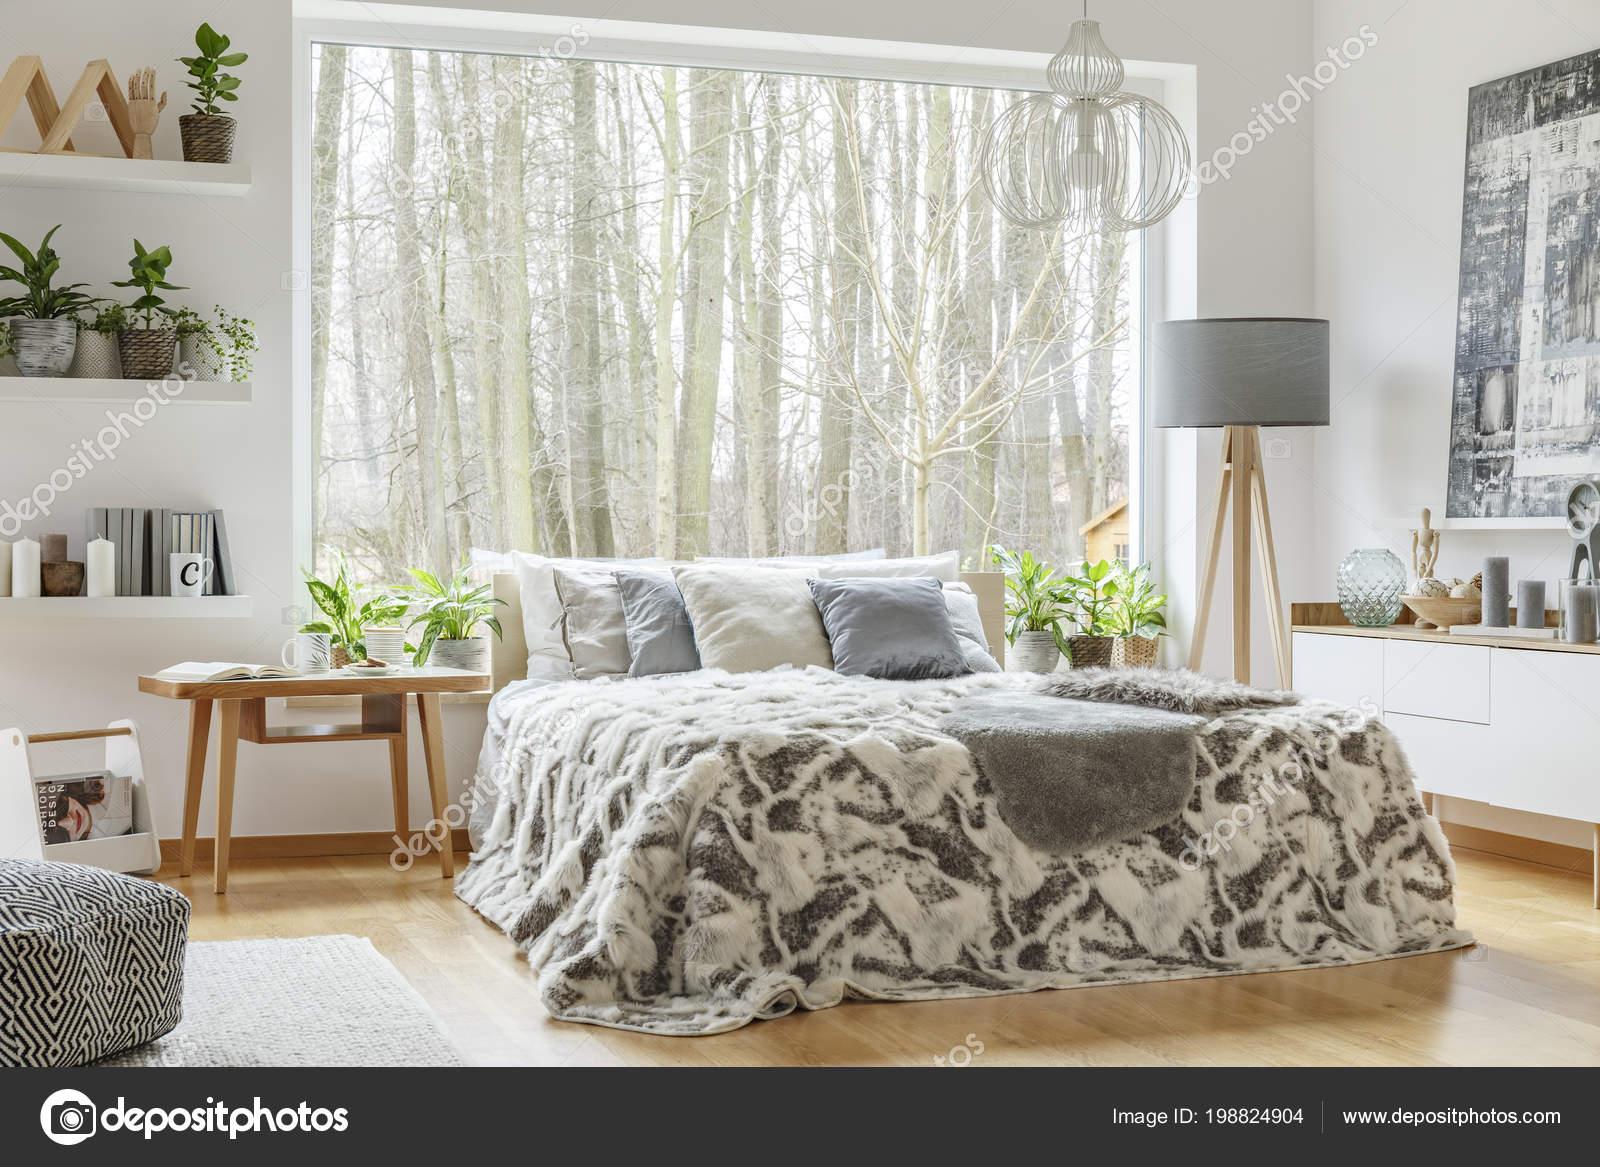 Geräumige Gemütliche Schlafzimmer Innenraum Mit Einem Kingsize Bett ...